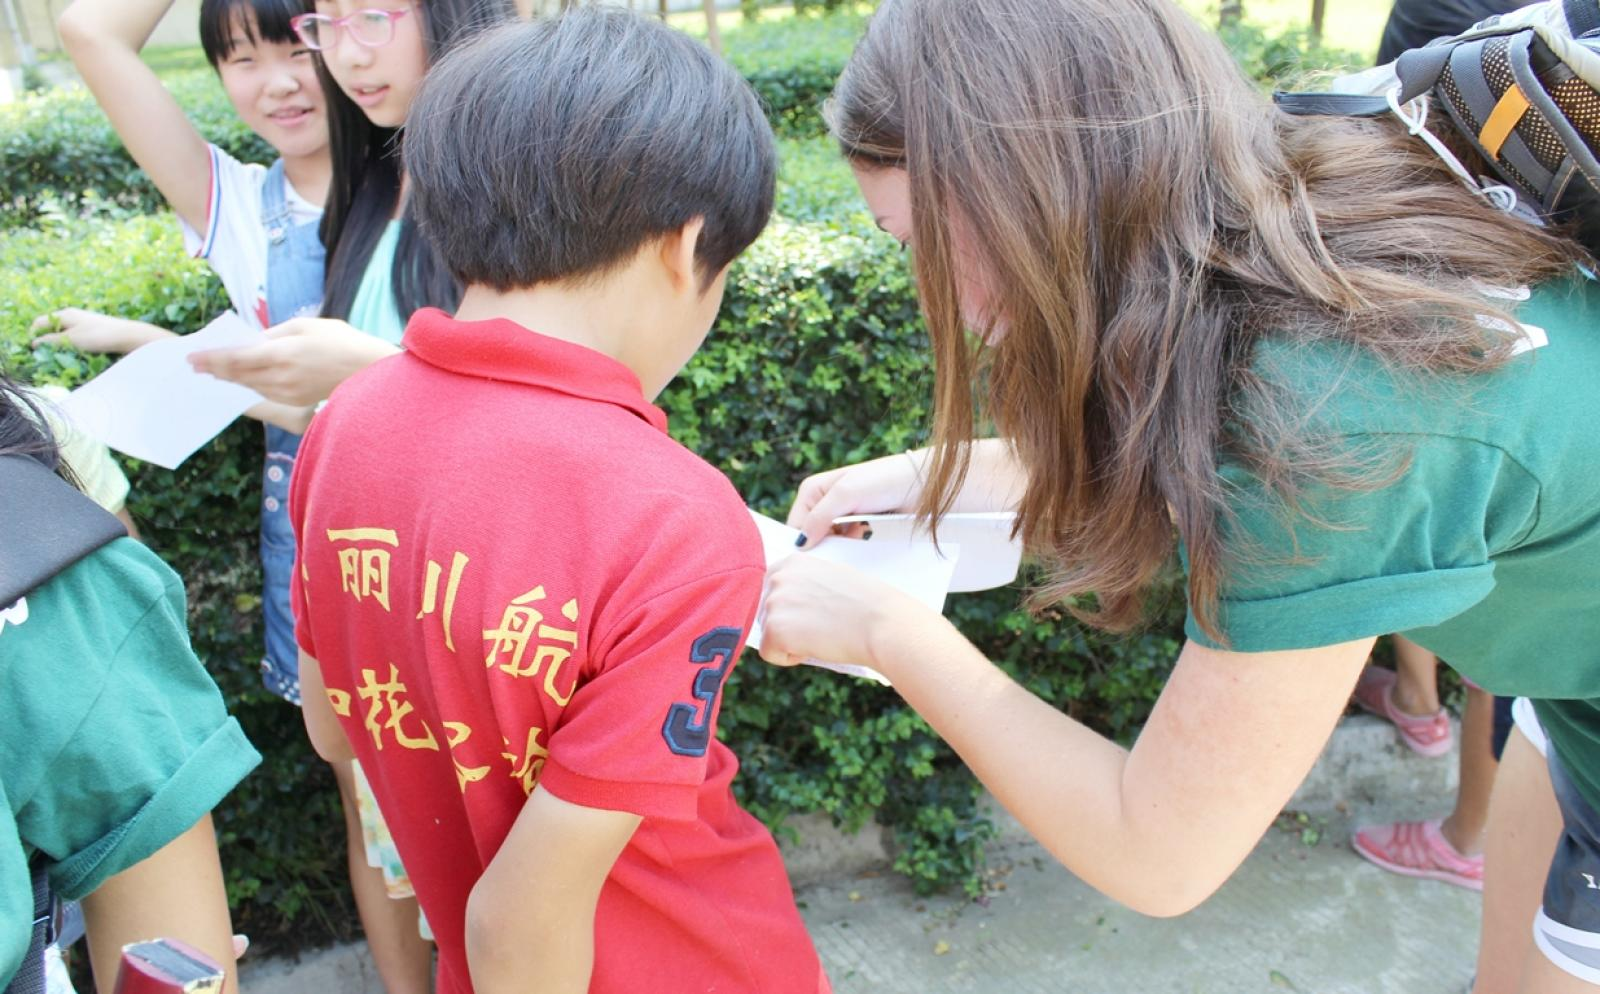 サマーキャンプアクティビティを行う高校生ボランティアと中国の小学生